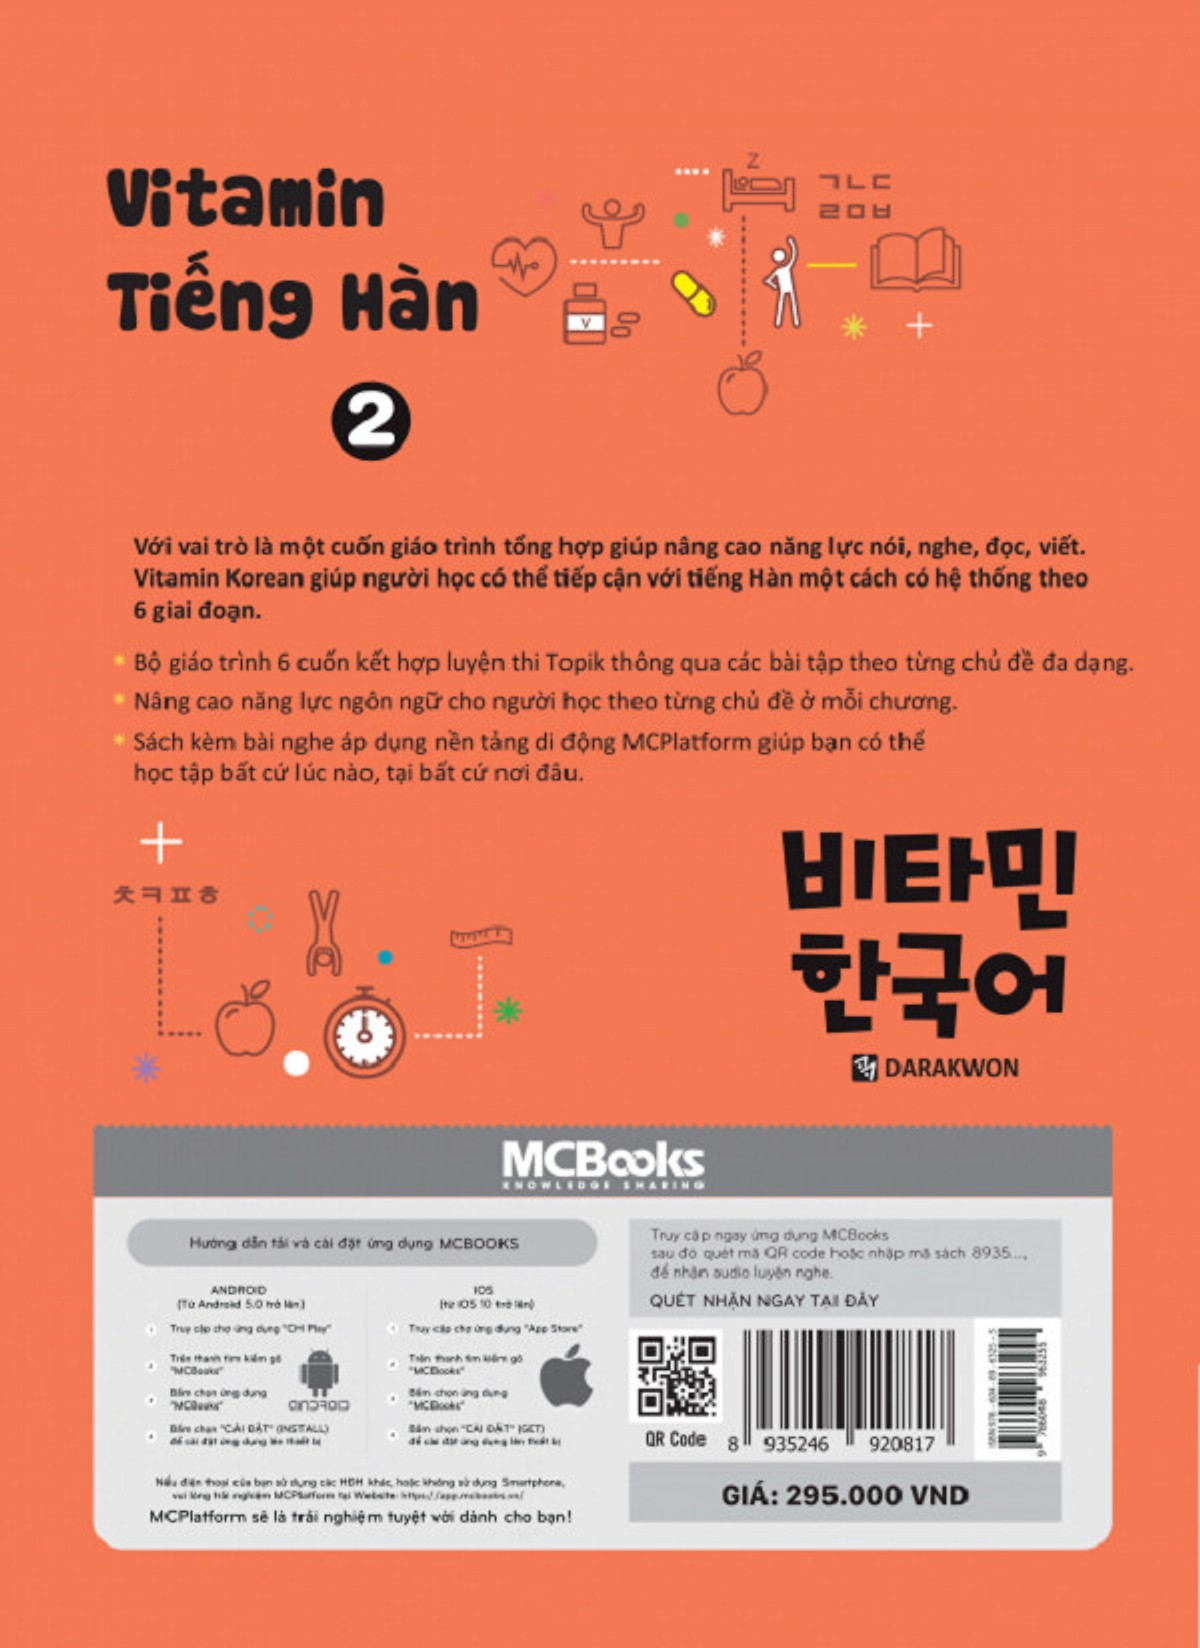 Vitamin Tiếng Hàn 2 ( Học kèm APP MCBOOKS - Trải nghiệm tuyệt vời với hệ sinh thái MCPlatform ) tặng kèm bookmark